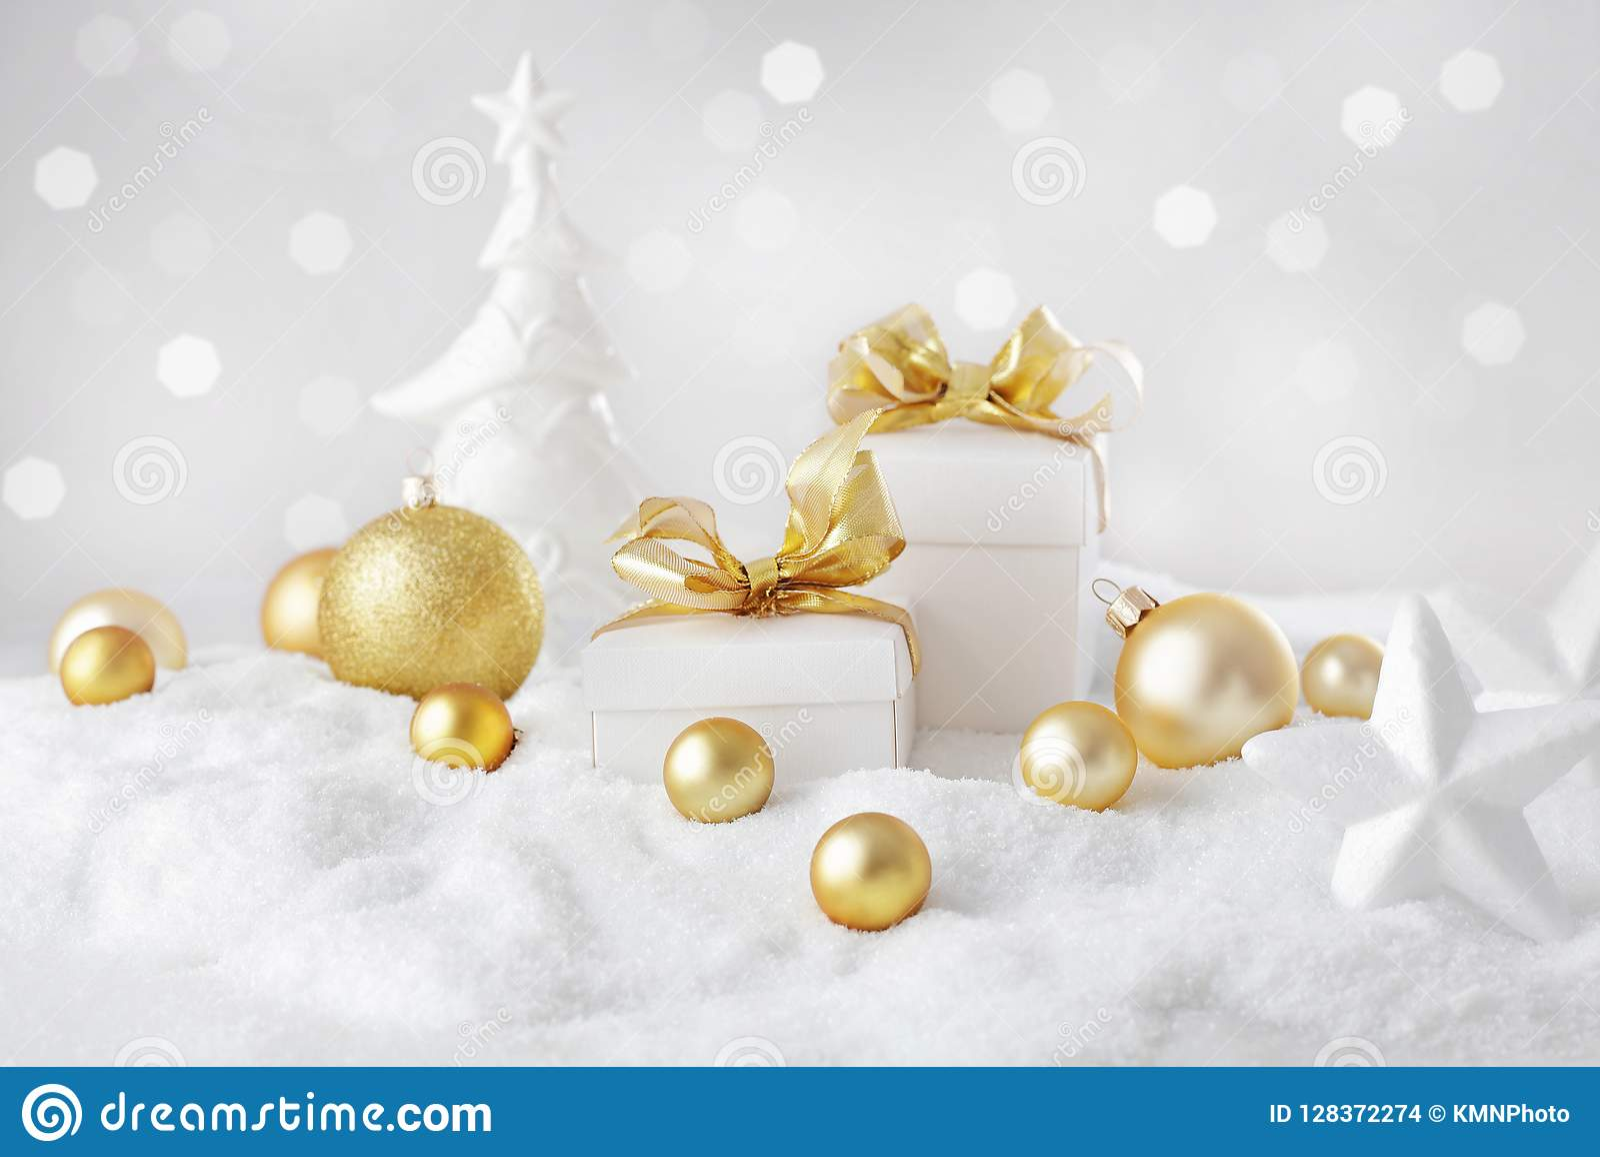 Regalos de la Navidad